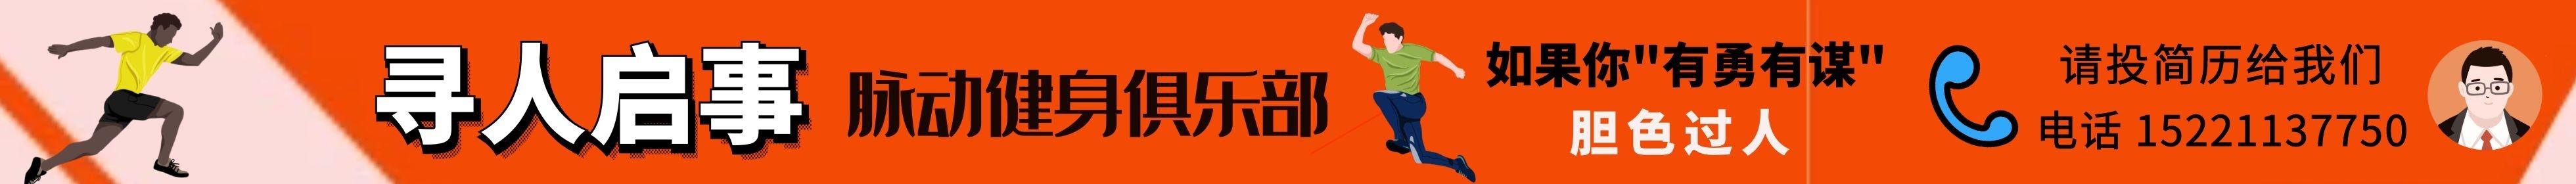 阿榮旗邁動健身俱樂部